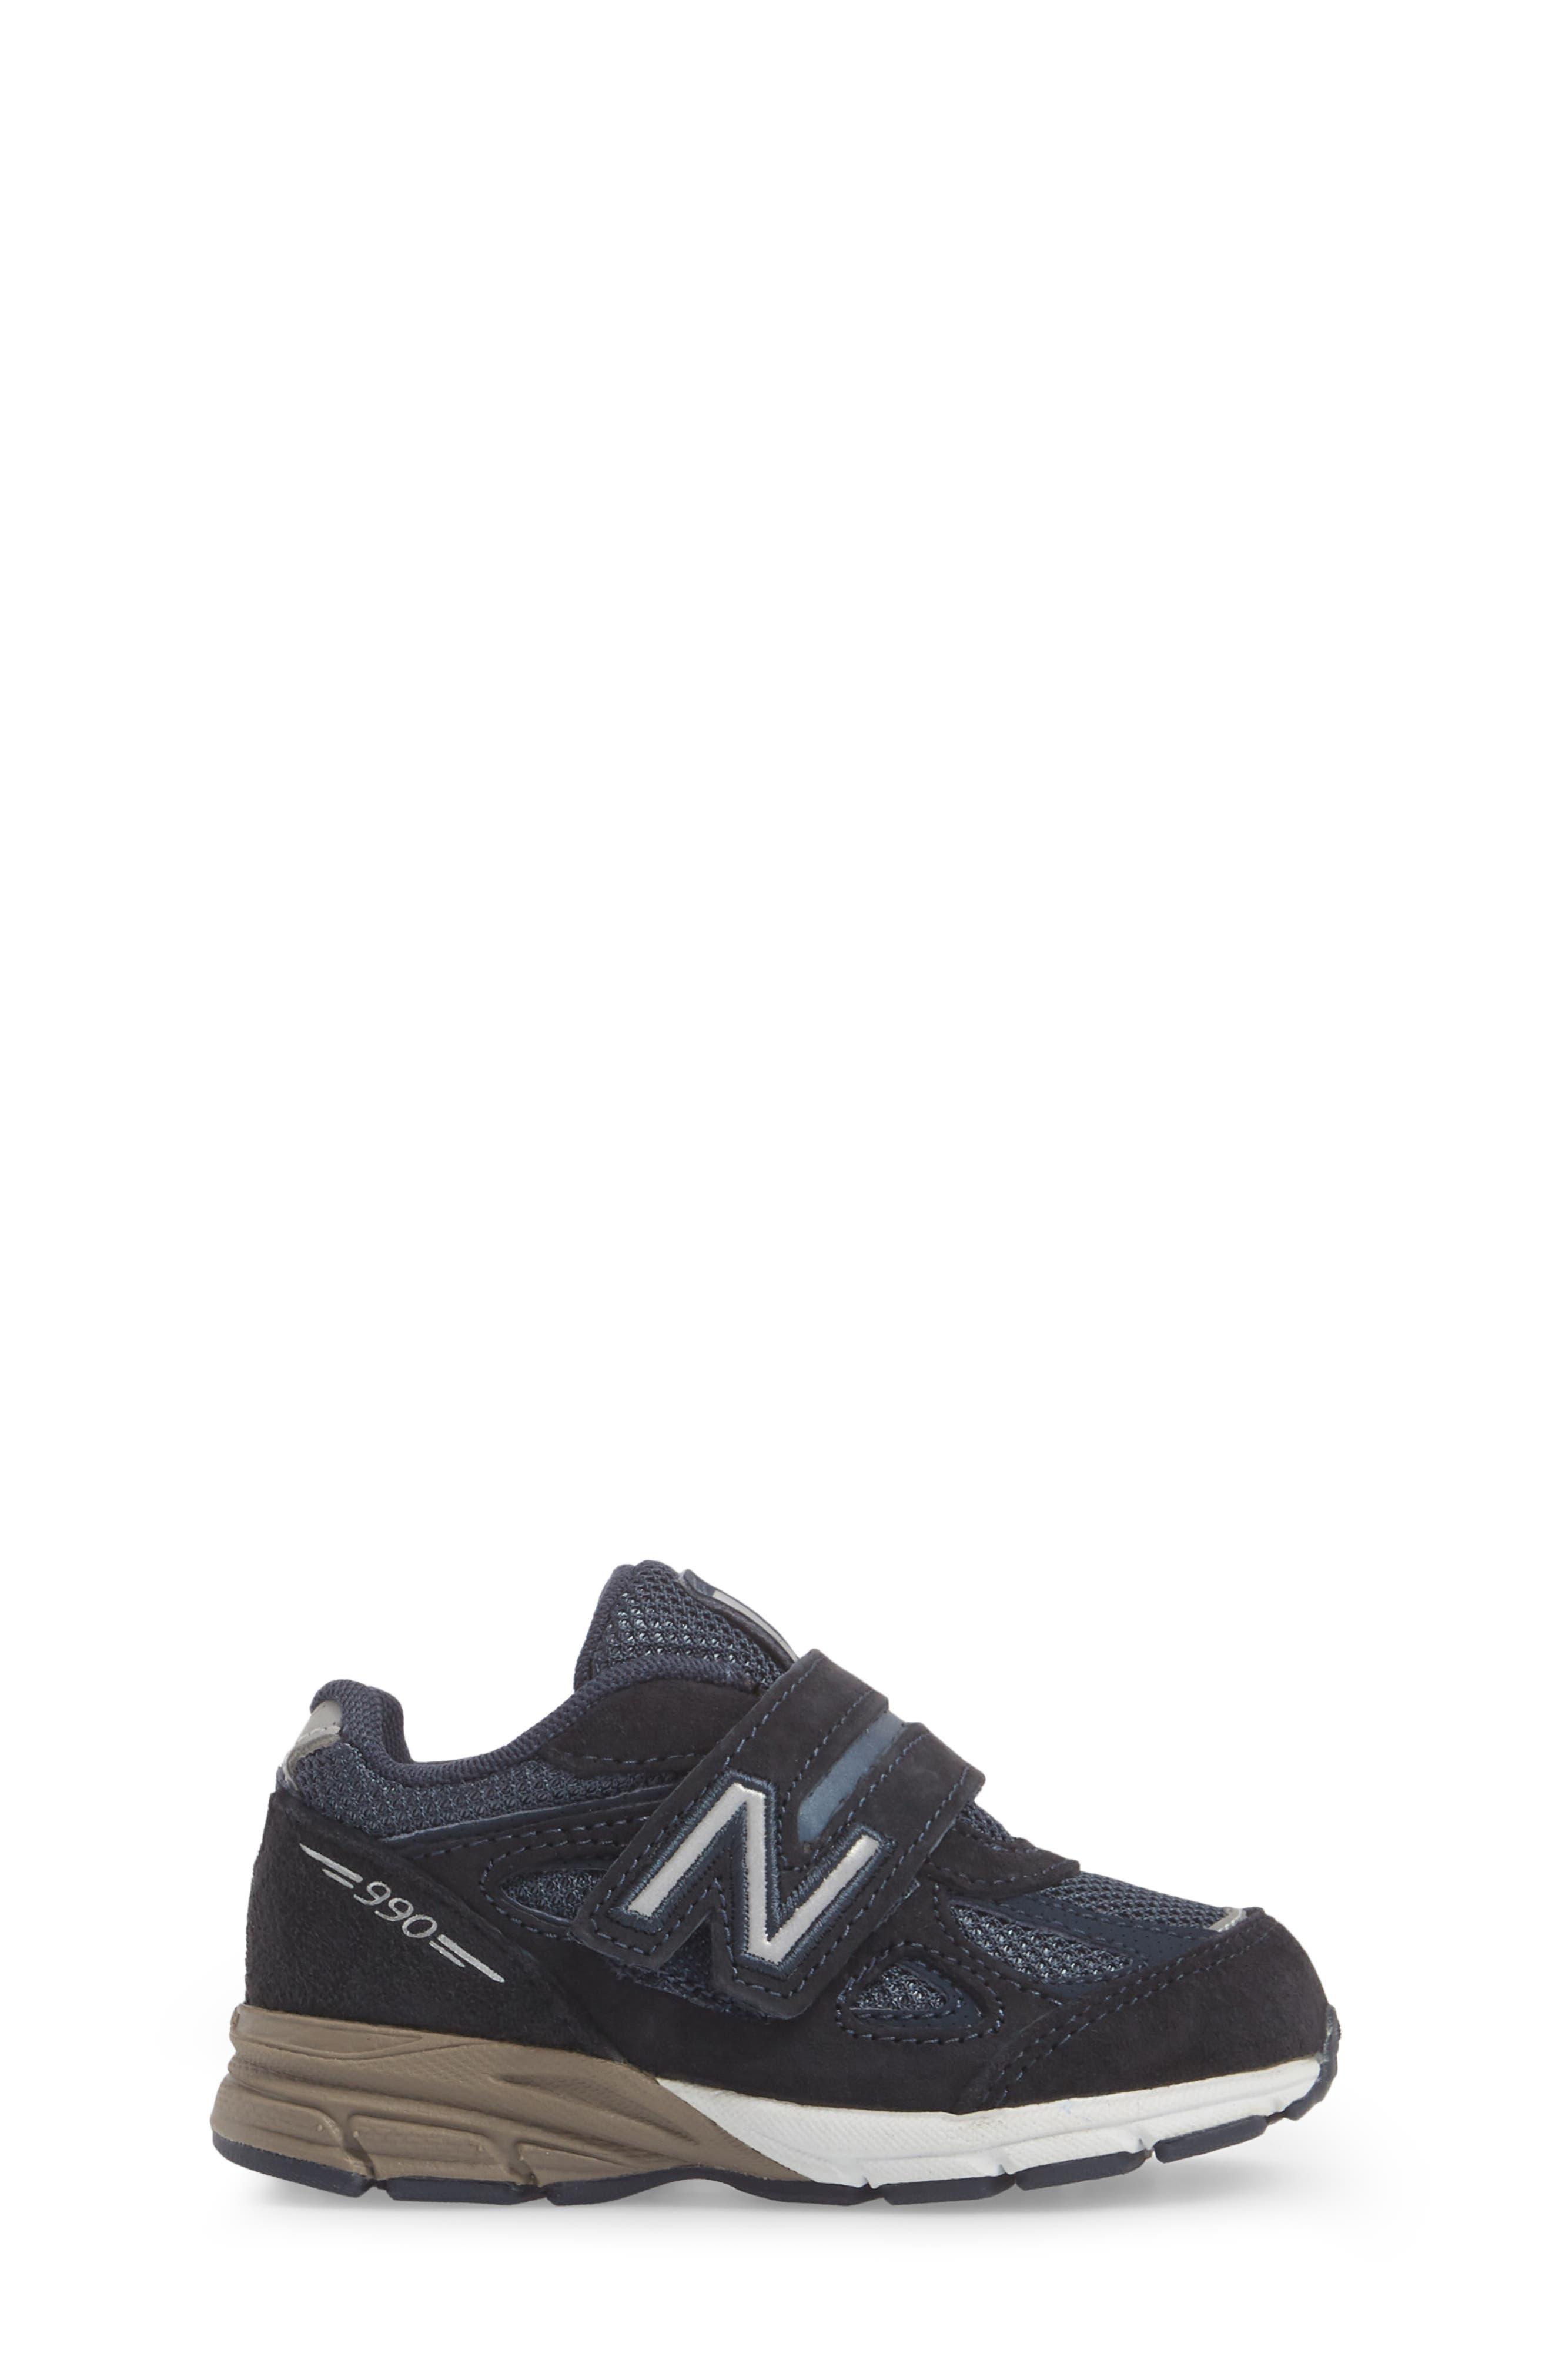 990v4 Sneaker,                             Alternate thumbnail 3, color,                             410